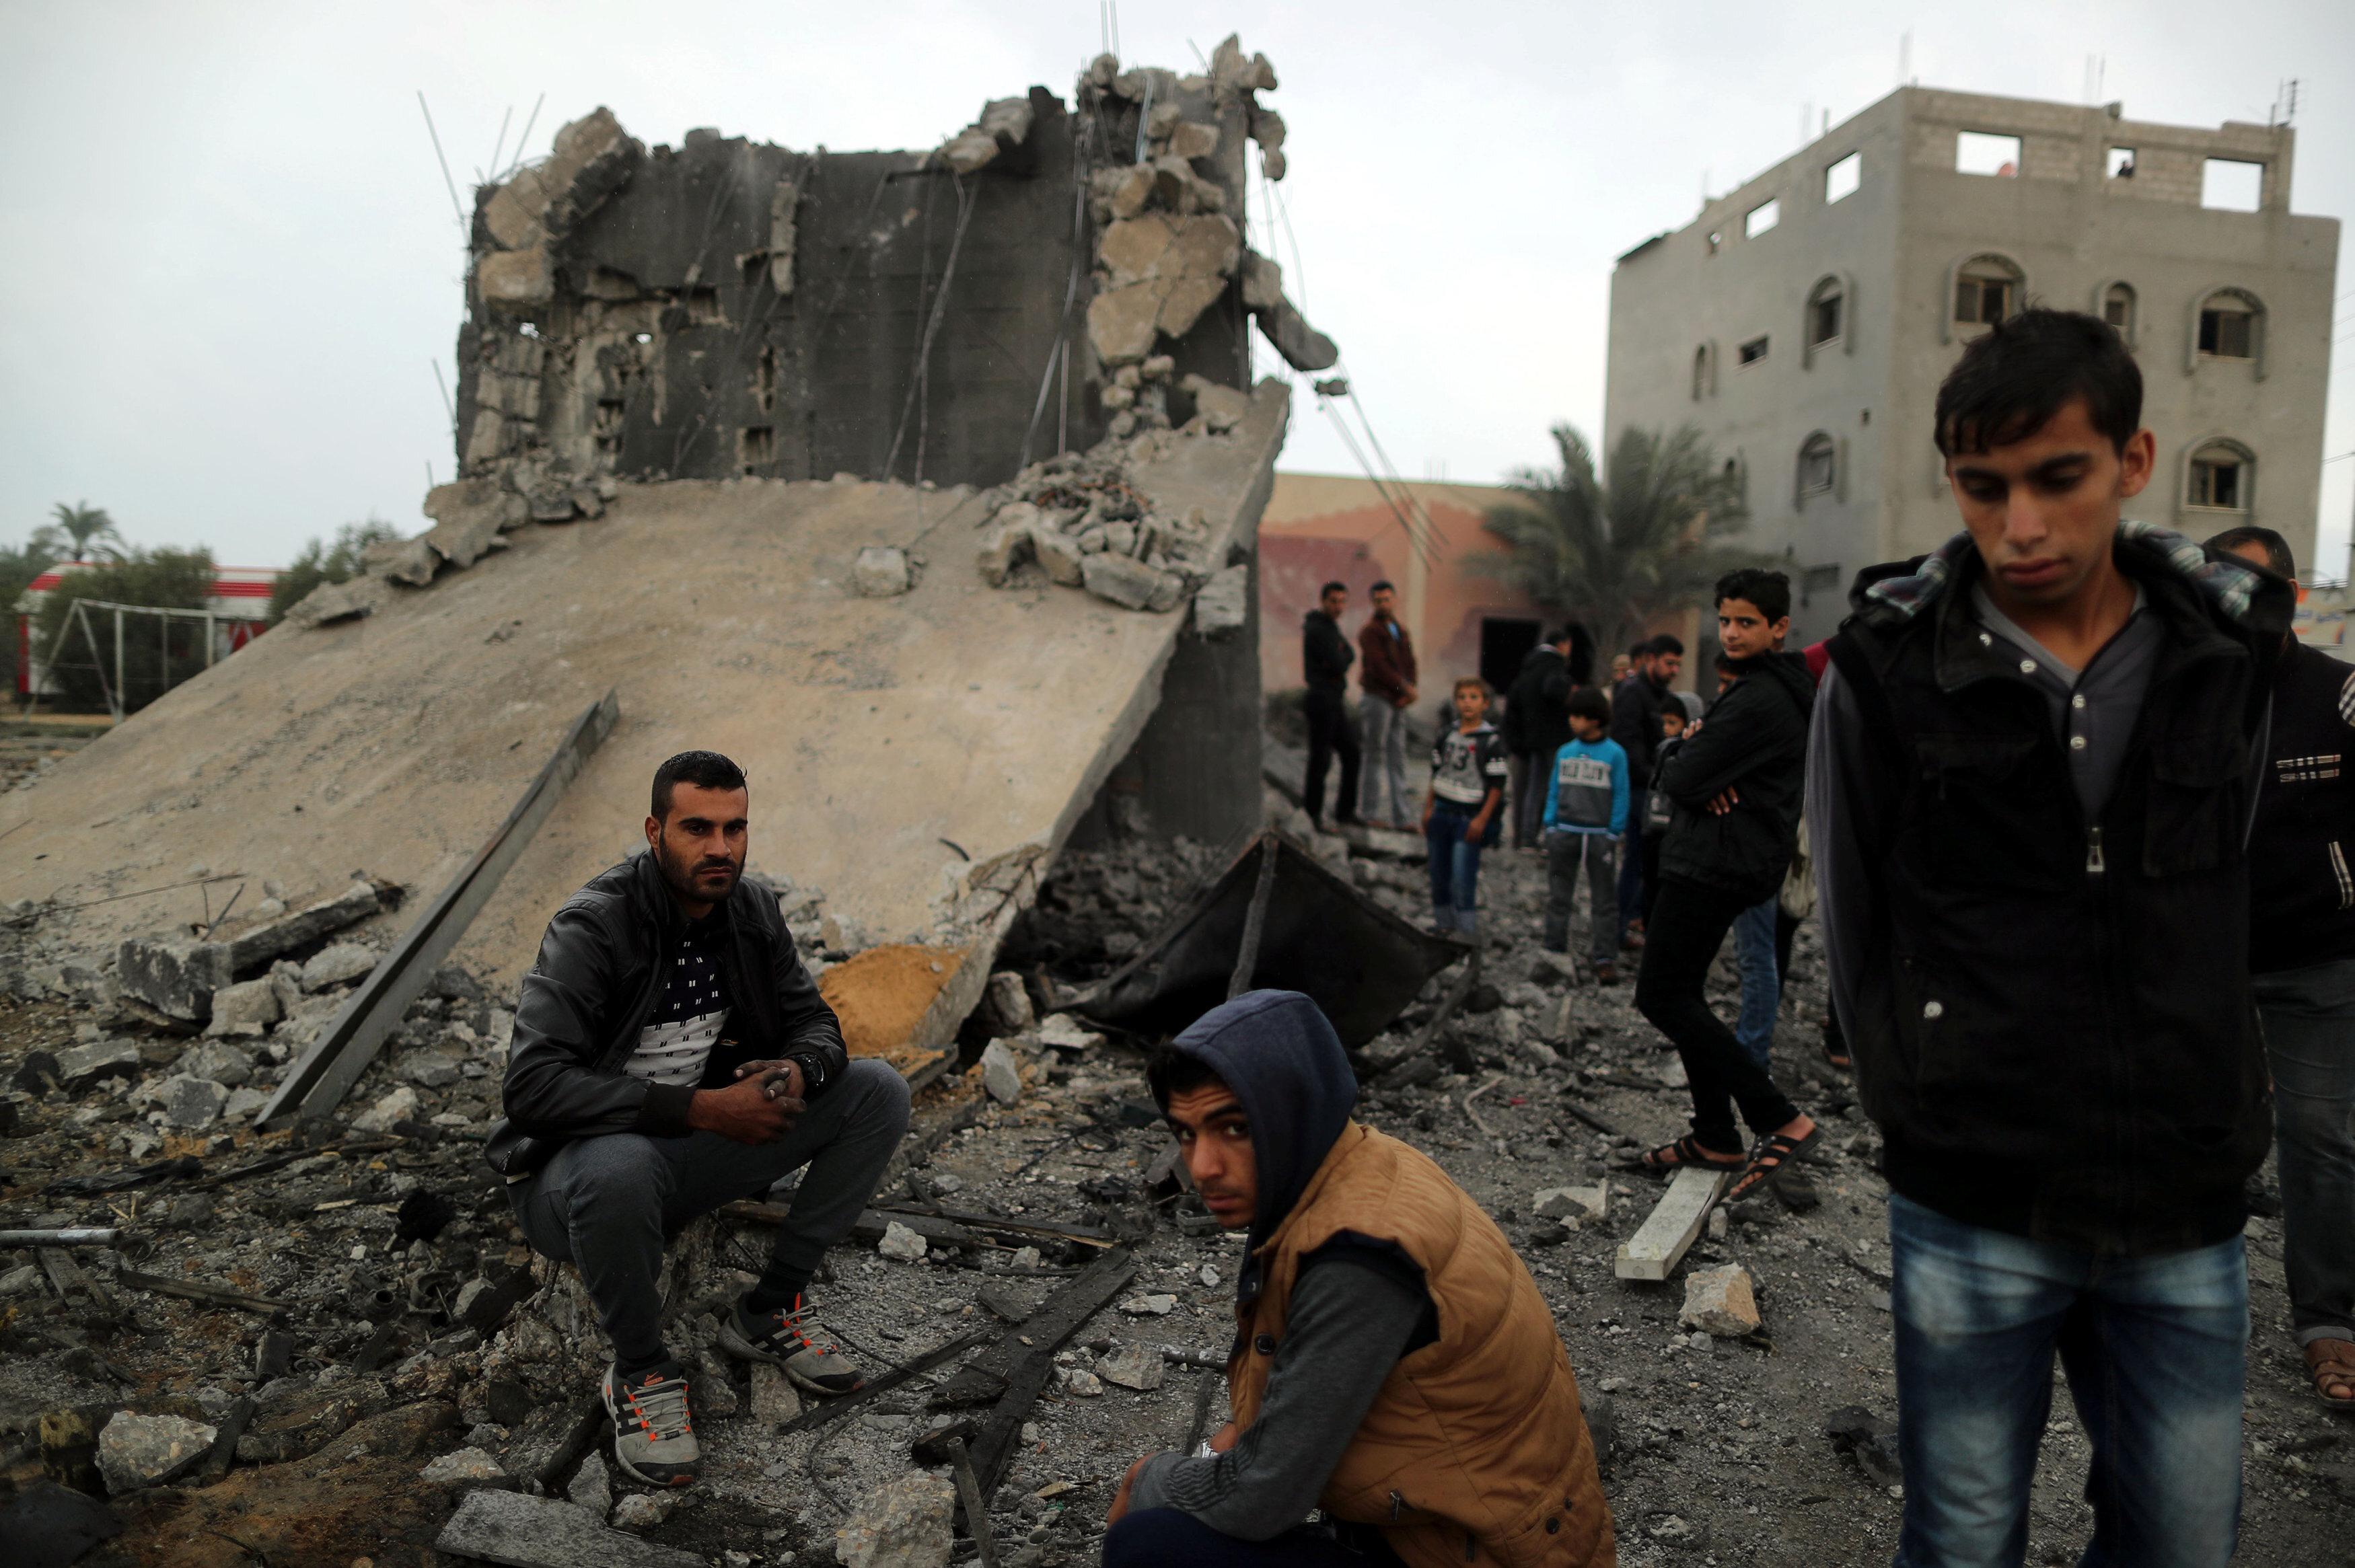 İsrail'in Gazze'ye düzenlidiği saldırı sonucunda binalar zarar gördü.